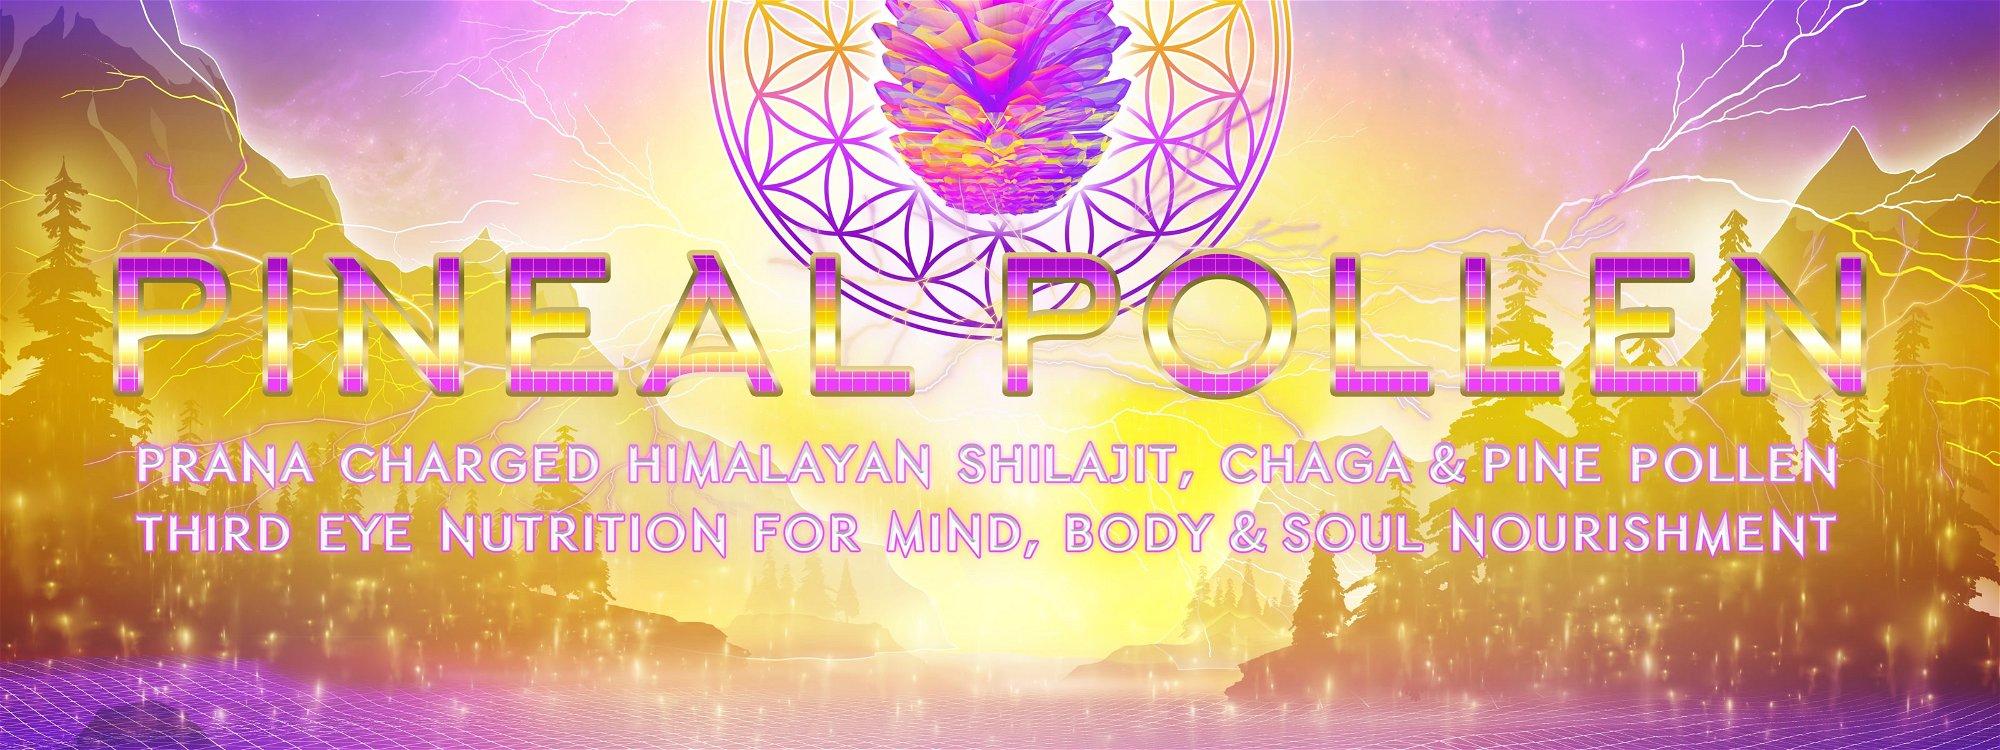 pineal pollen prana charged himalayan shilajit, chaga & pine pollen